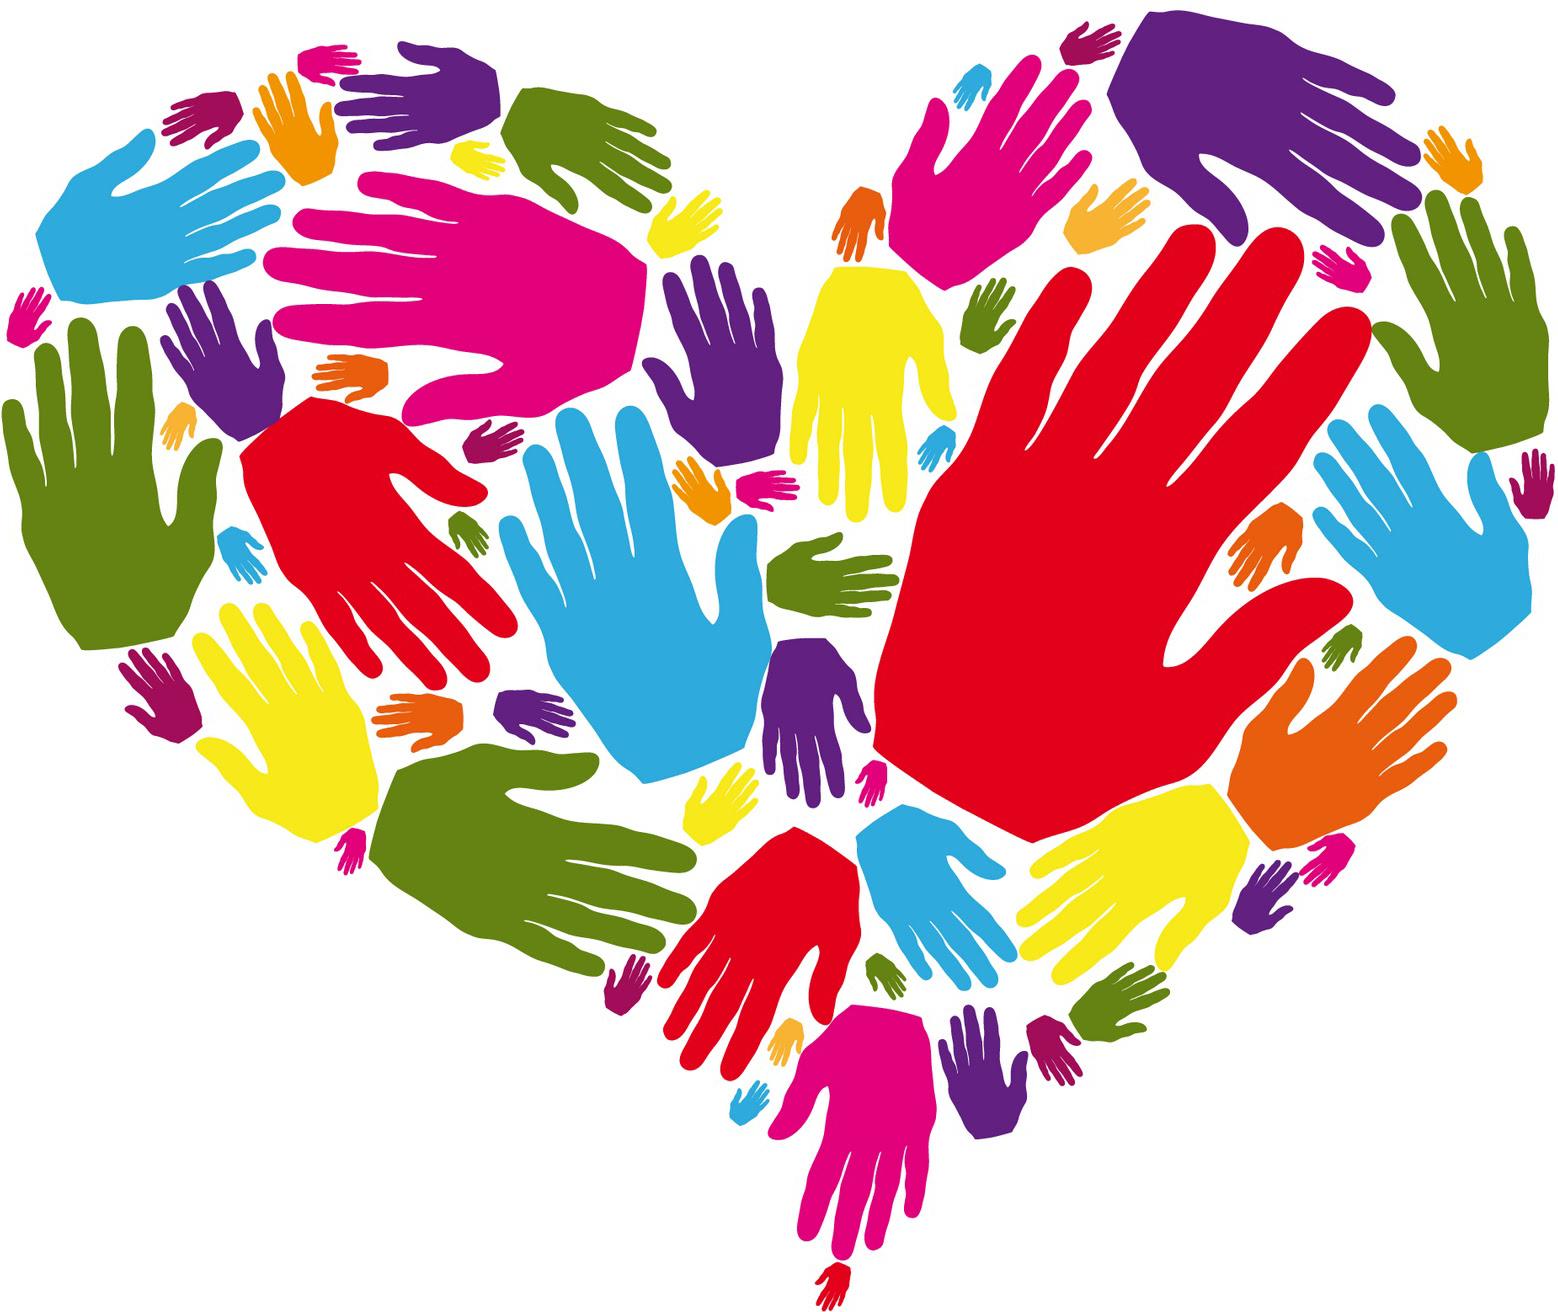 hands-heart-shape